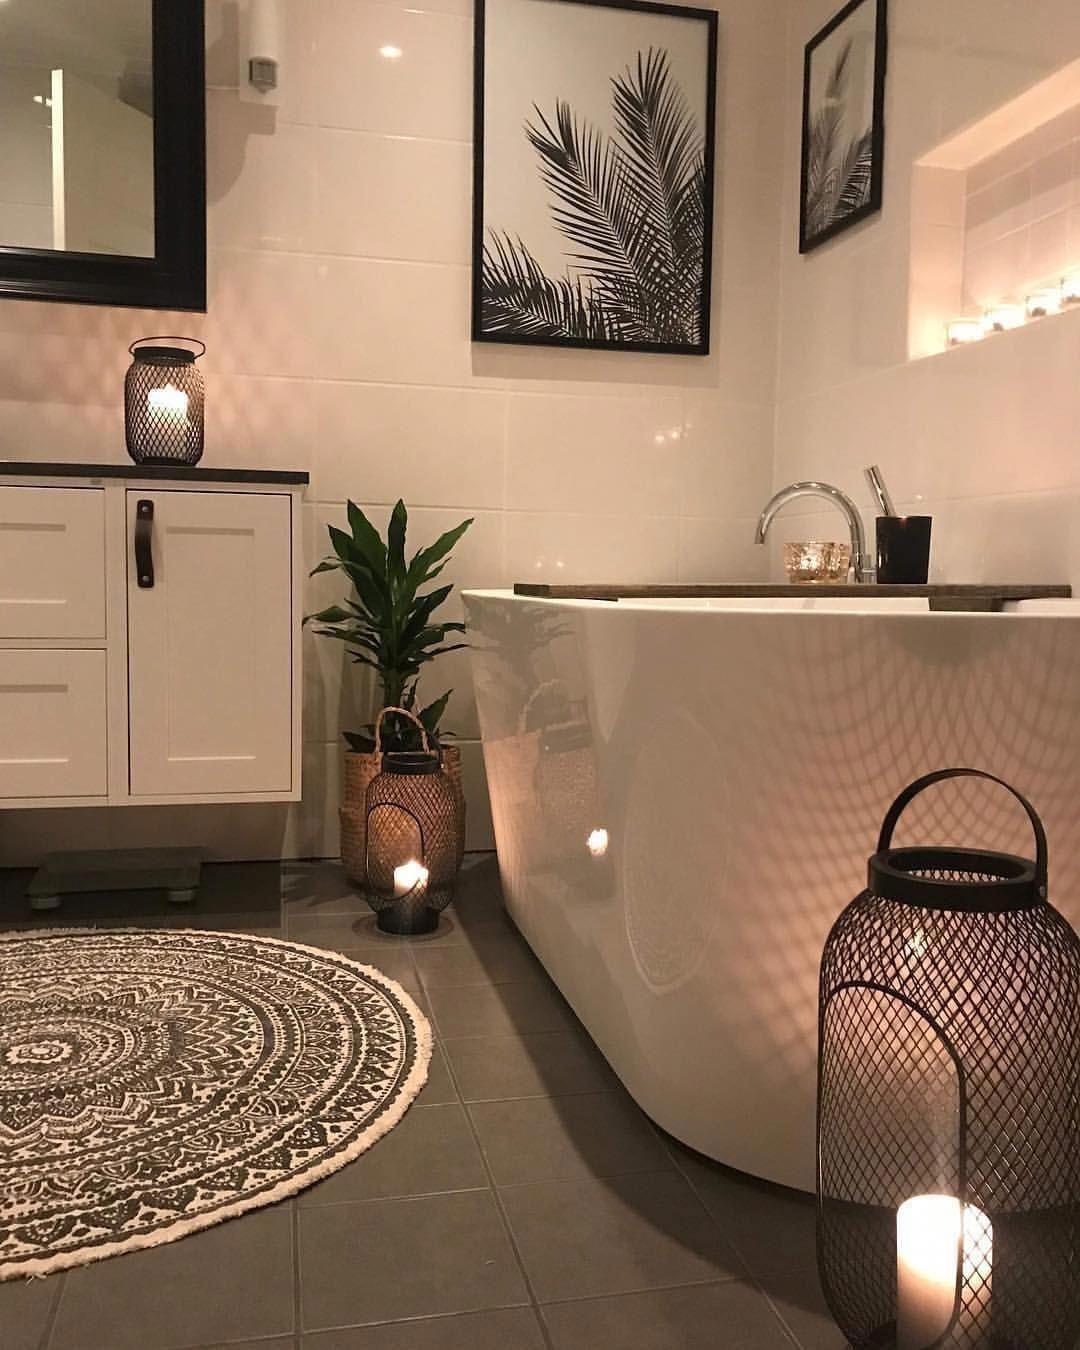 7 Kleines Badezimmer Schwarz Weis Einrichtung Dekorieren Ideen Eintagamsee Badezimmer Innenausstattung Badezimmer Schwarz Wohnungsdeko